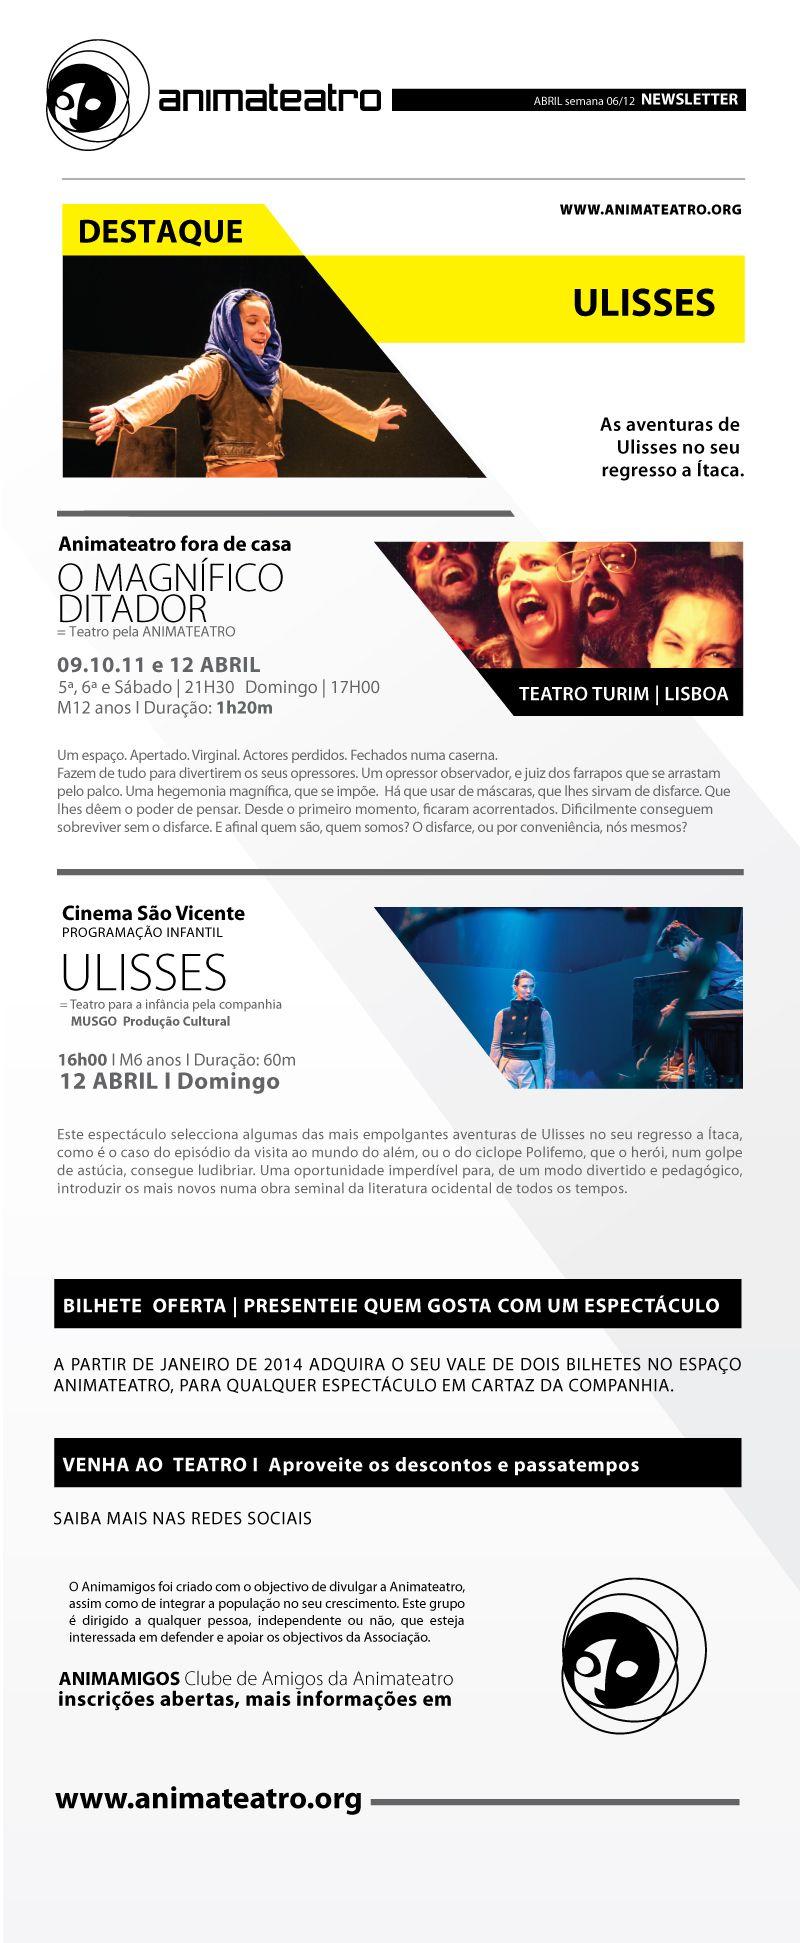 Esta semana levamos, de 5ª a domingo, O MAGNÍFICO DITADOR até Lisboa, ao Teatro Turim. Se ainda não O viram, então é desta! E ainda receberemos o ULISSES, da Musgo Produção Cultural, no Auditório Cinema São Vicente, para miúdos e graúdos!